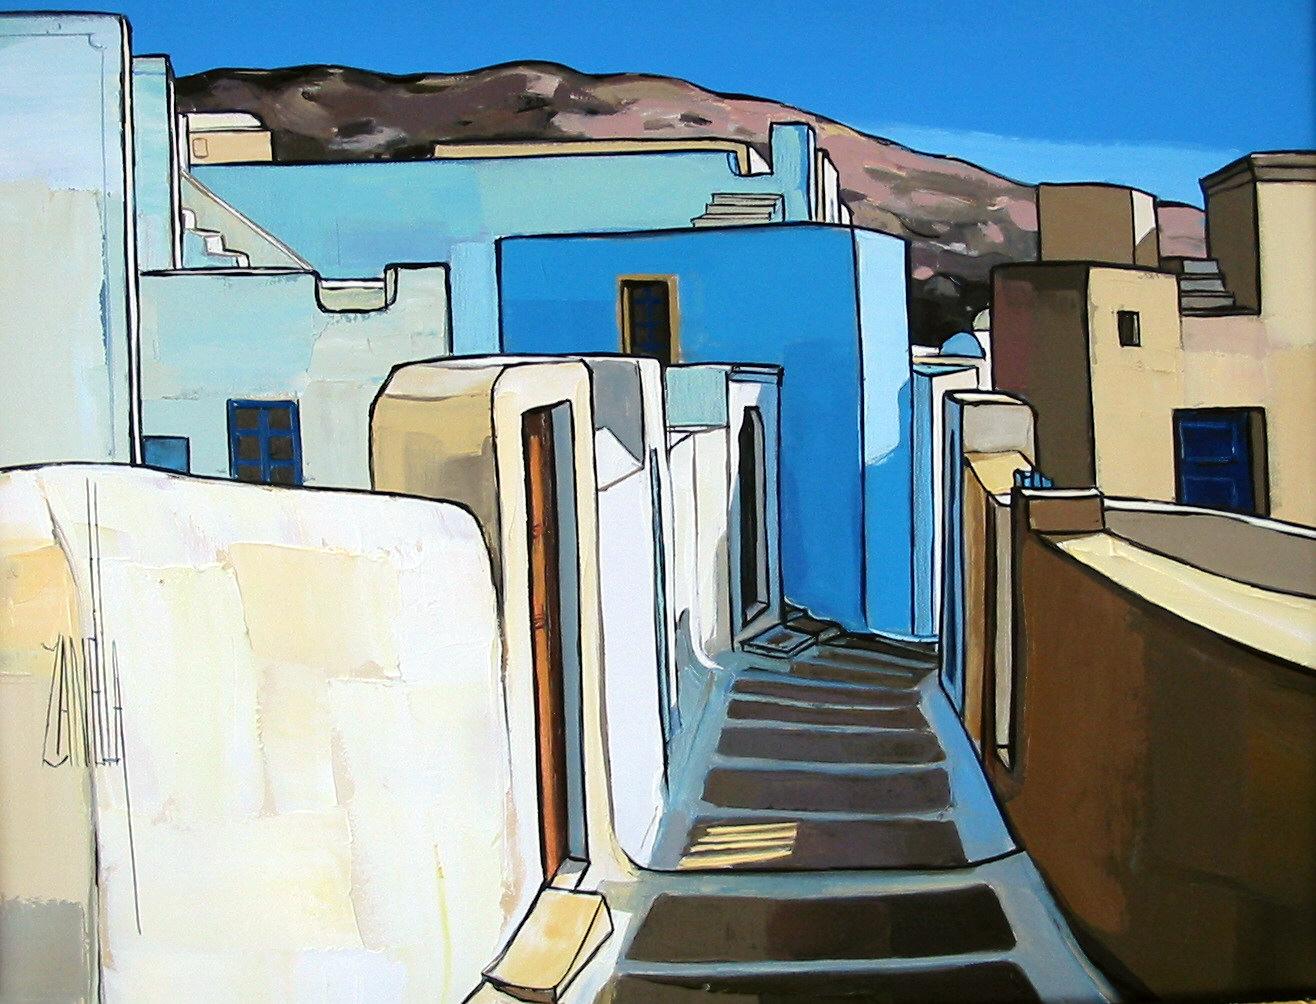 Copie de 2005-Emborio-LaMaison Bleue-Santorin-5F